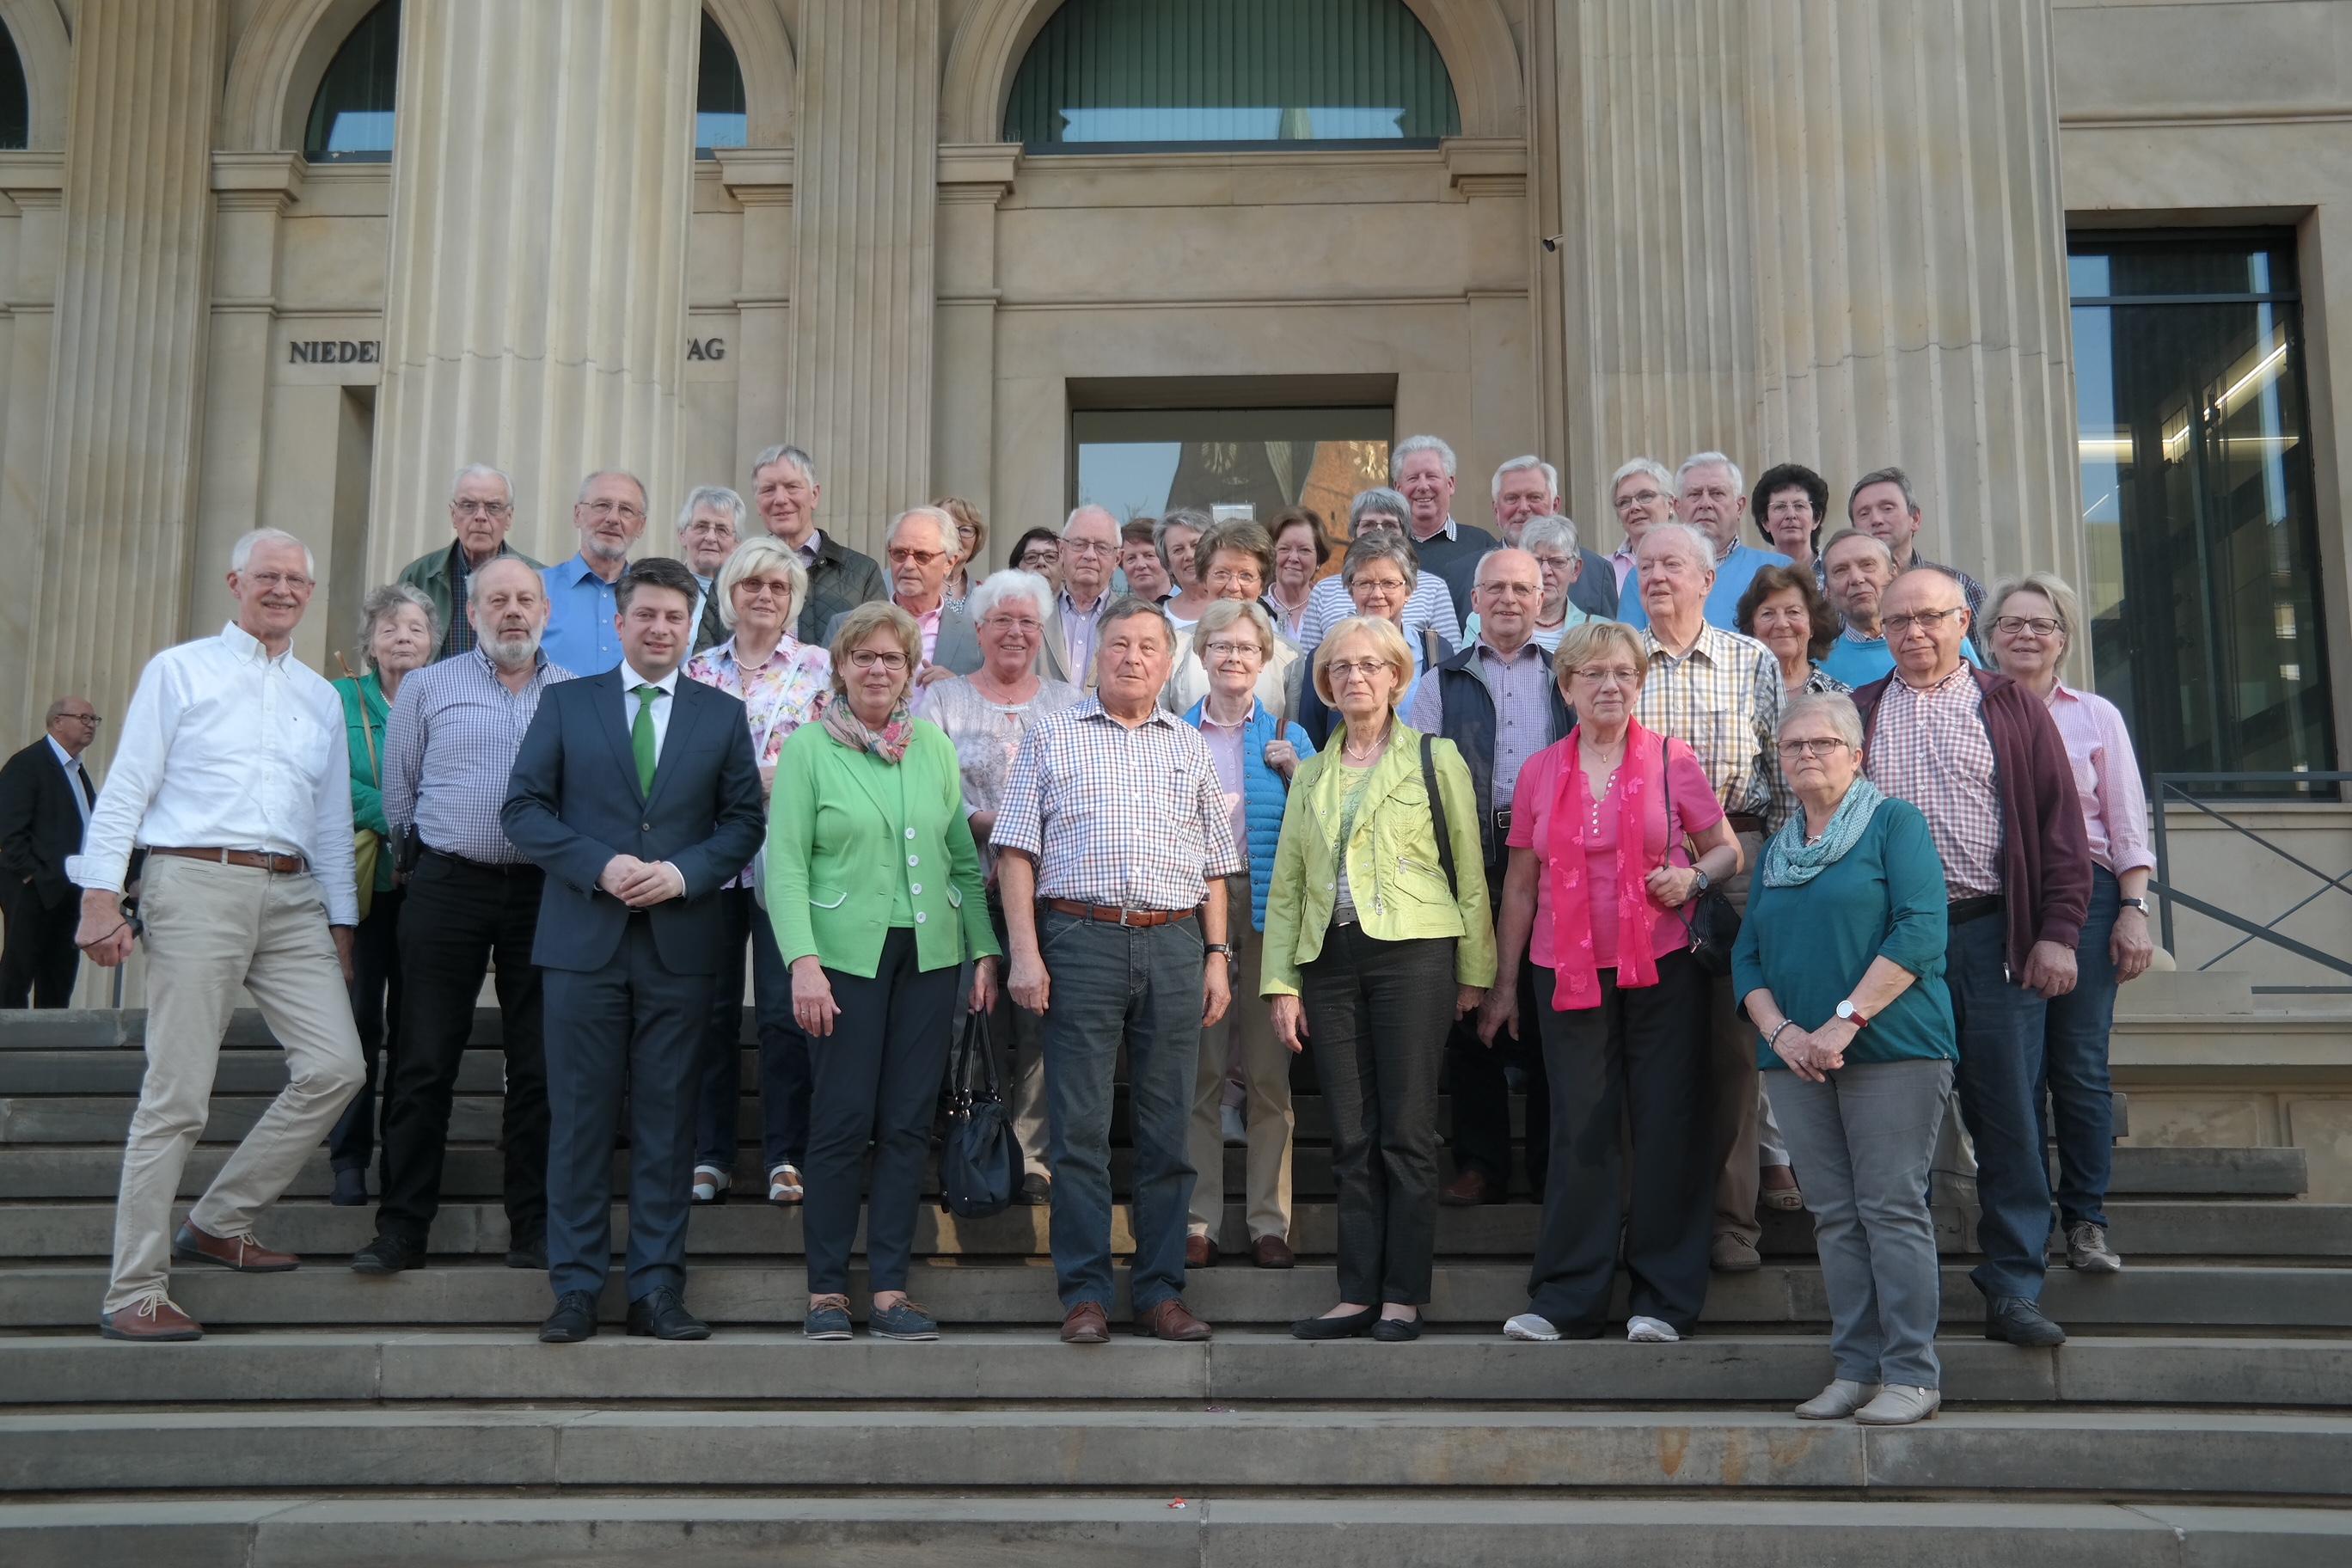 Besuch im Niedersächsischen Landtag der Senioren Union Ankum-Eggermühlen-Kettenkamp im Niedersächsischen Landtag.